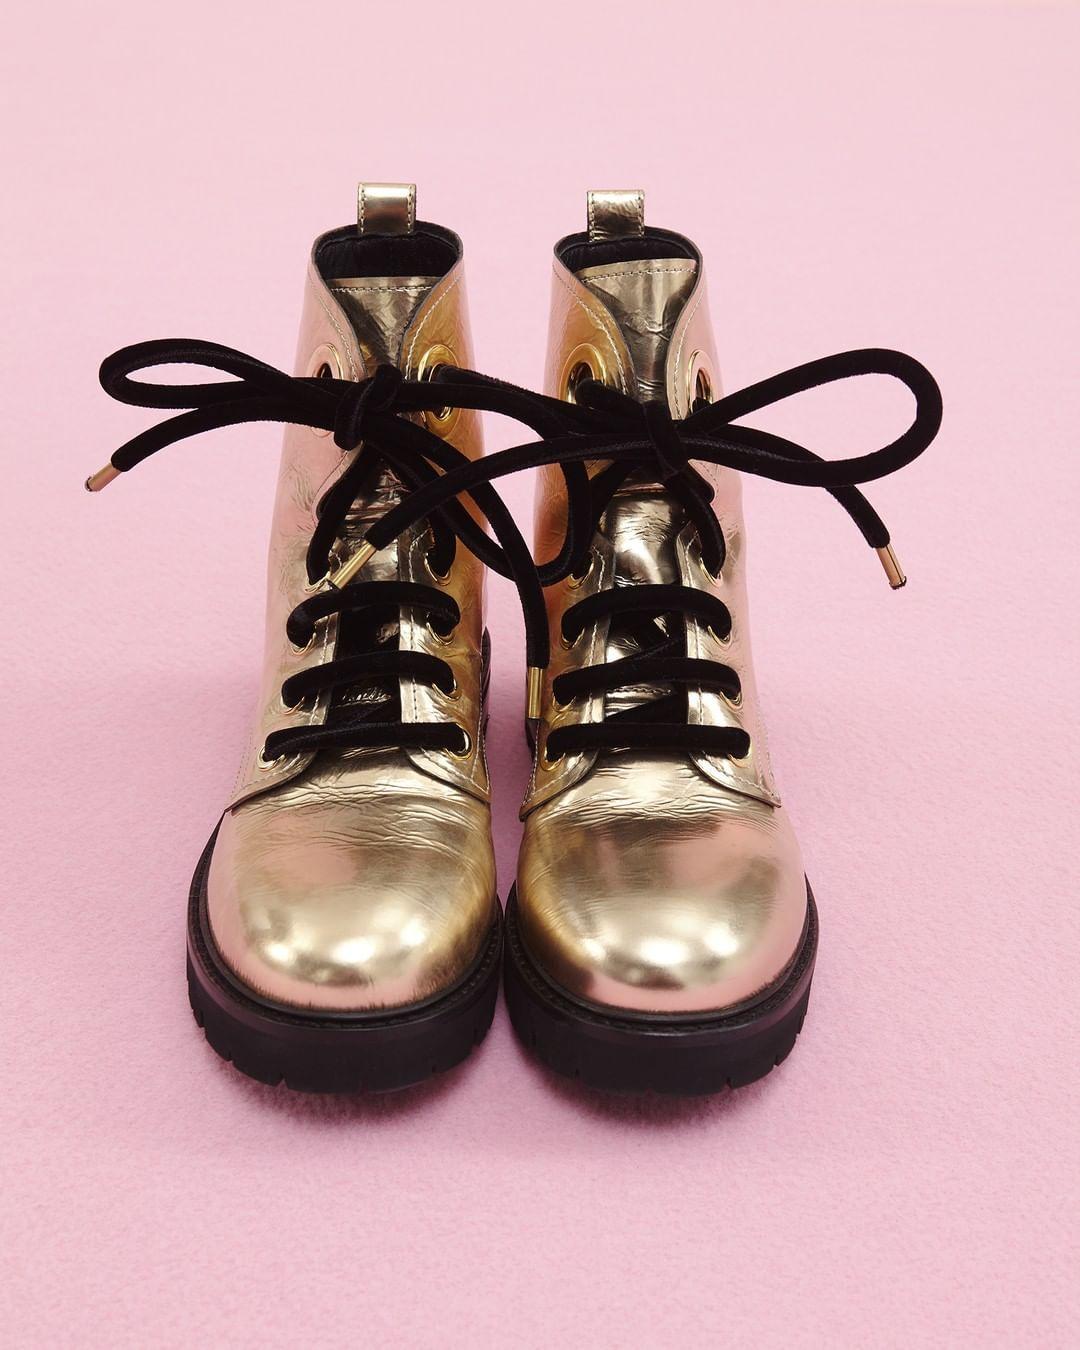 E.G. Geller Shoes: Attilio Giusti Leombruni At E.G.Geller